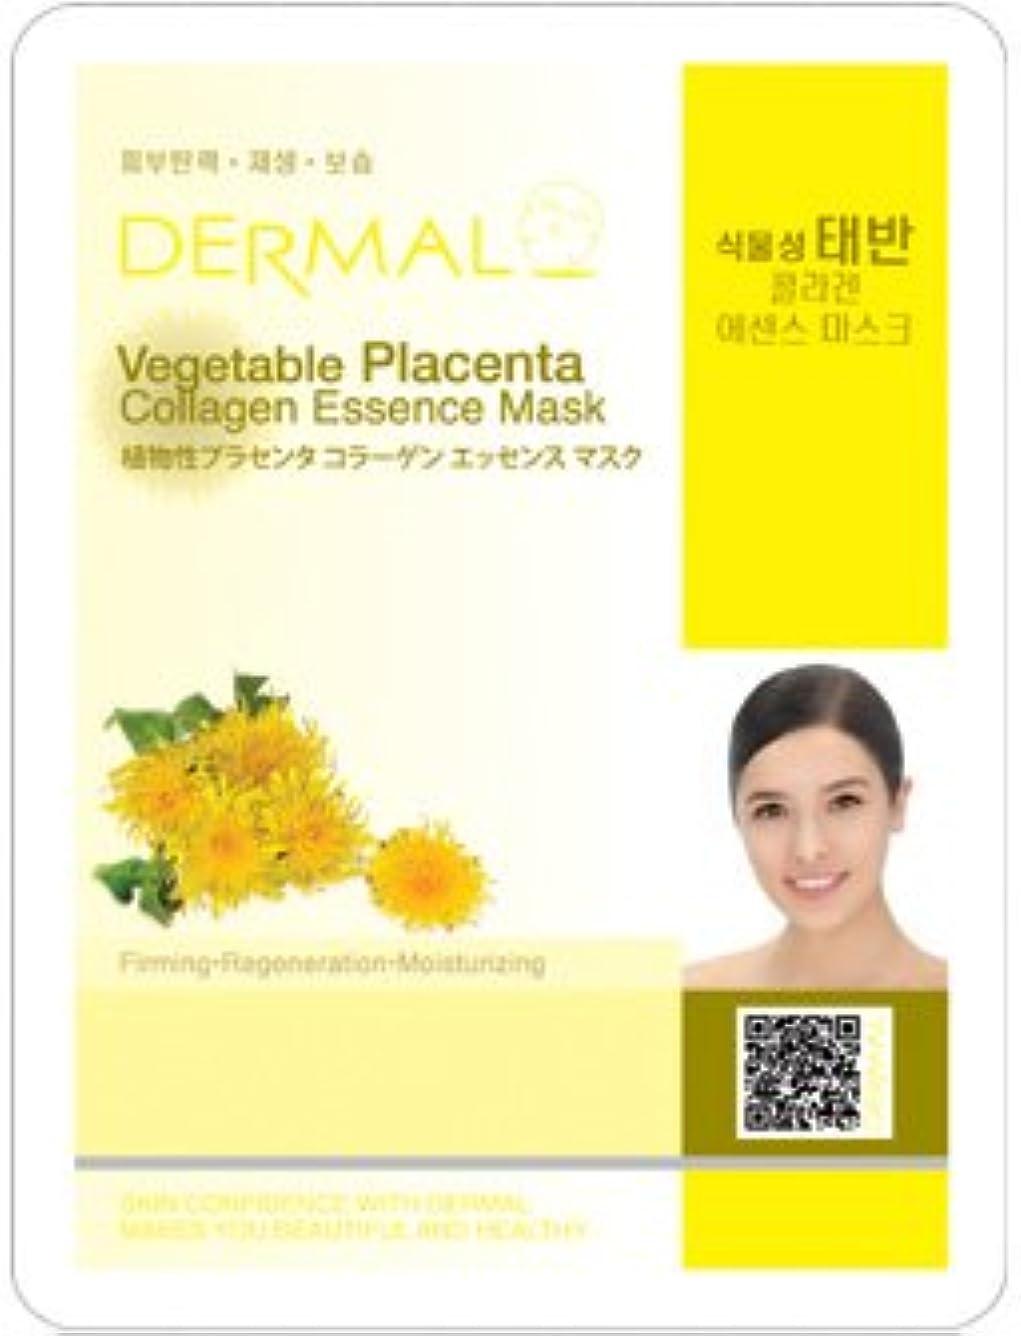 何かオズワルド割り当てシート マスク 植物性プラセンタ ダーマル Dermal 23g (10枚セット) フェイス パック